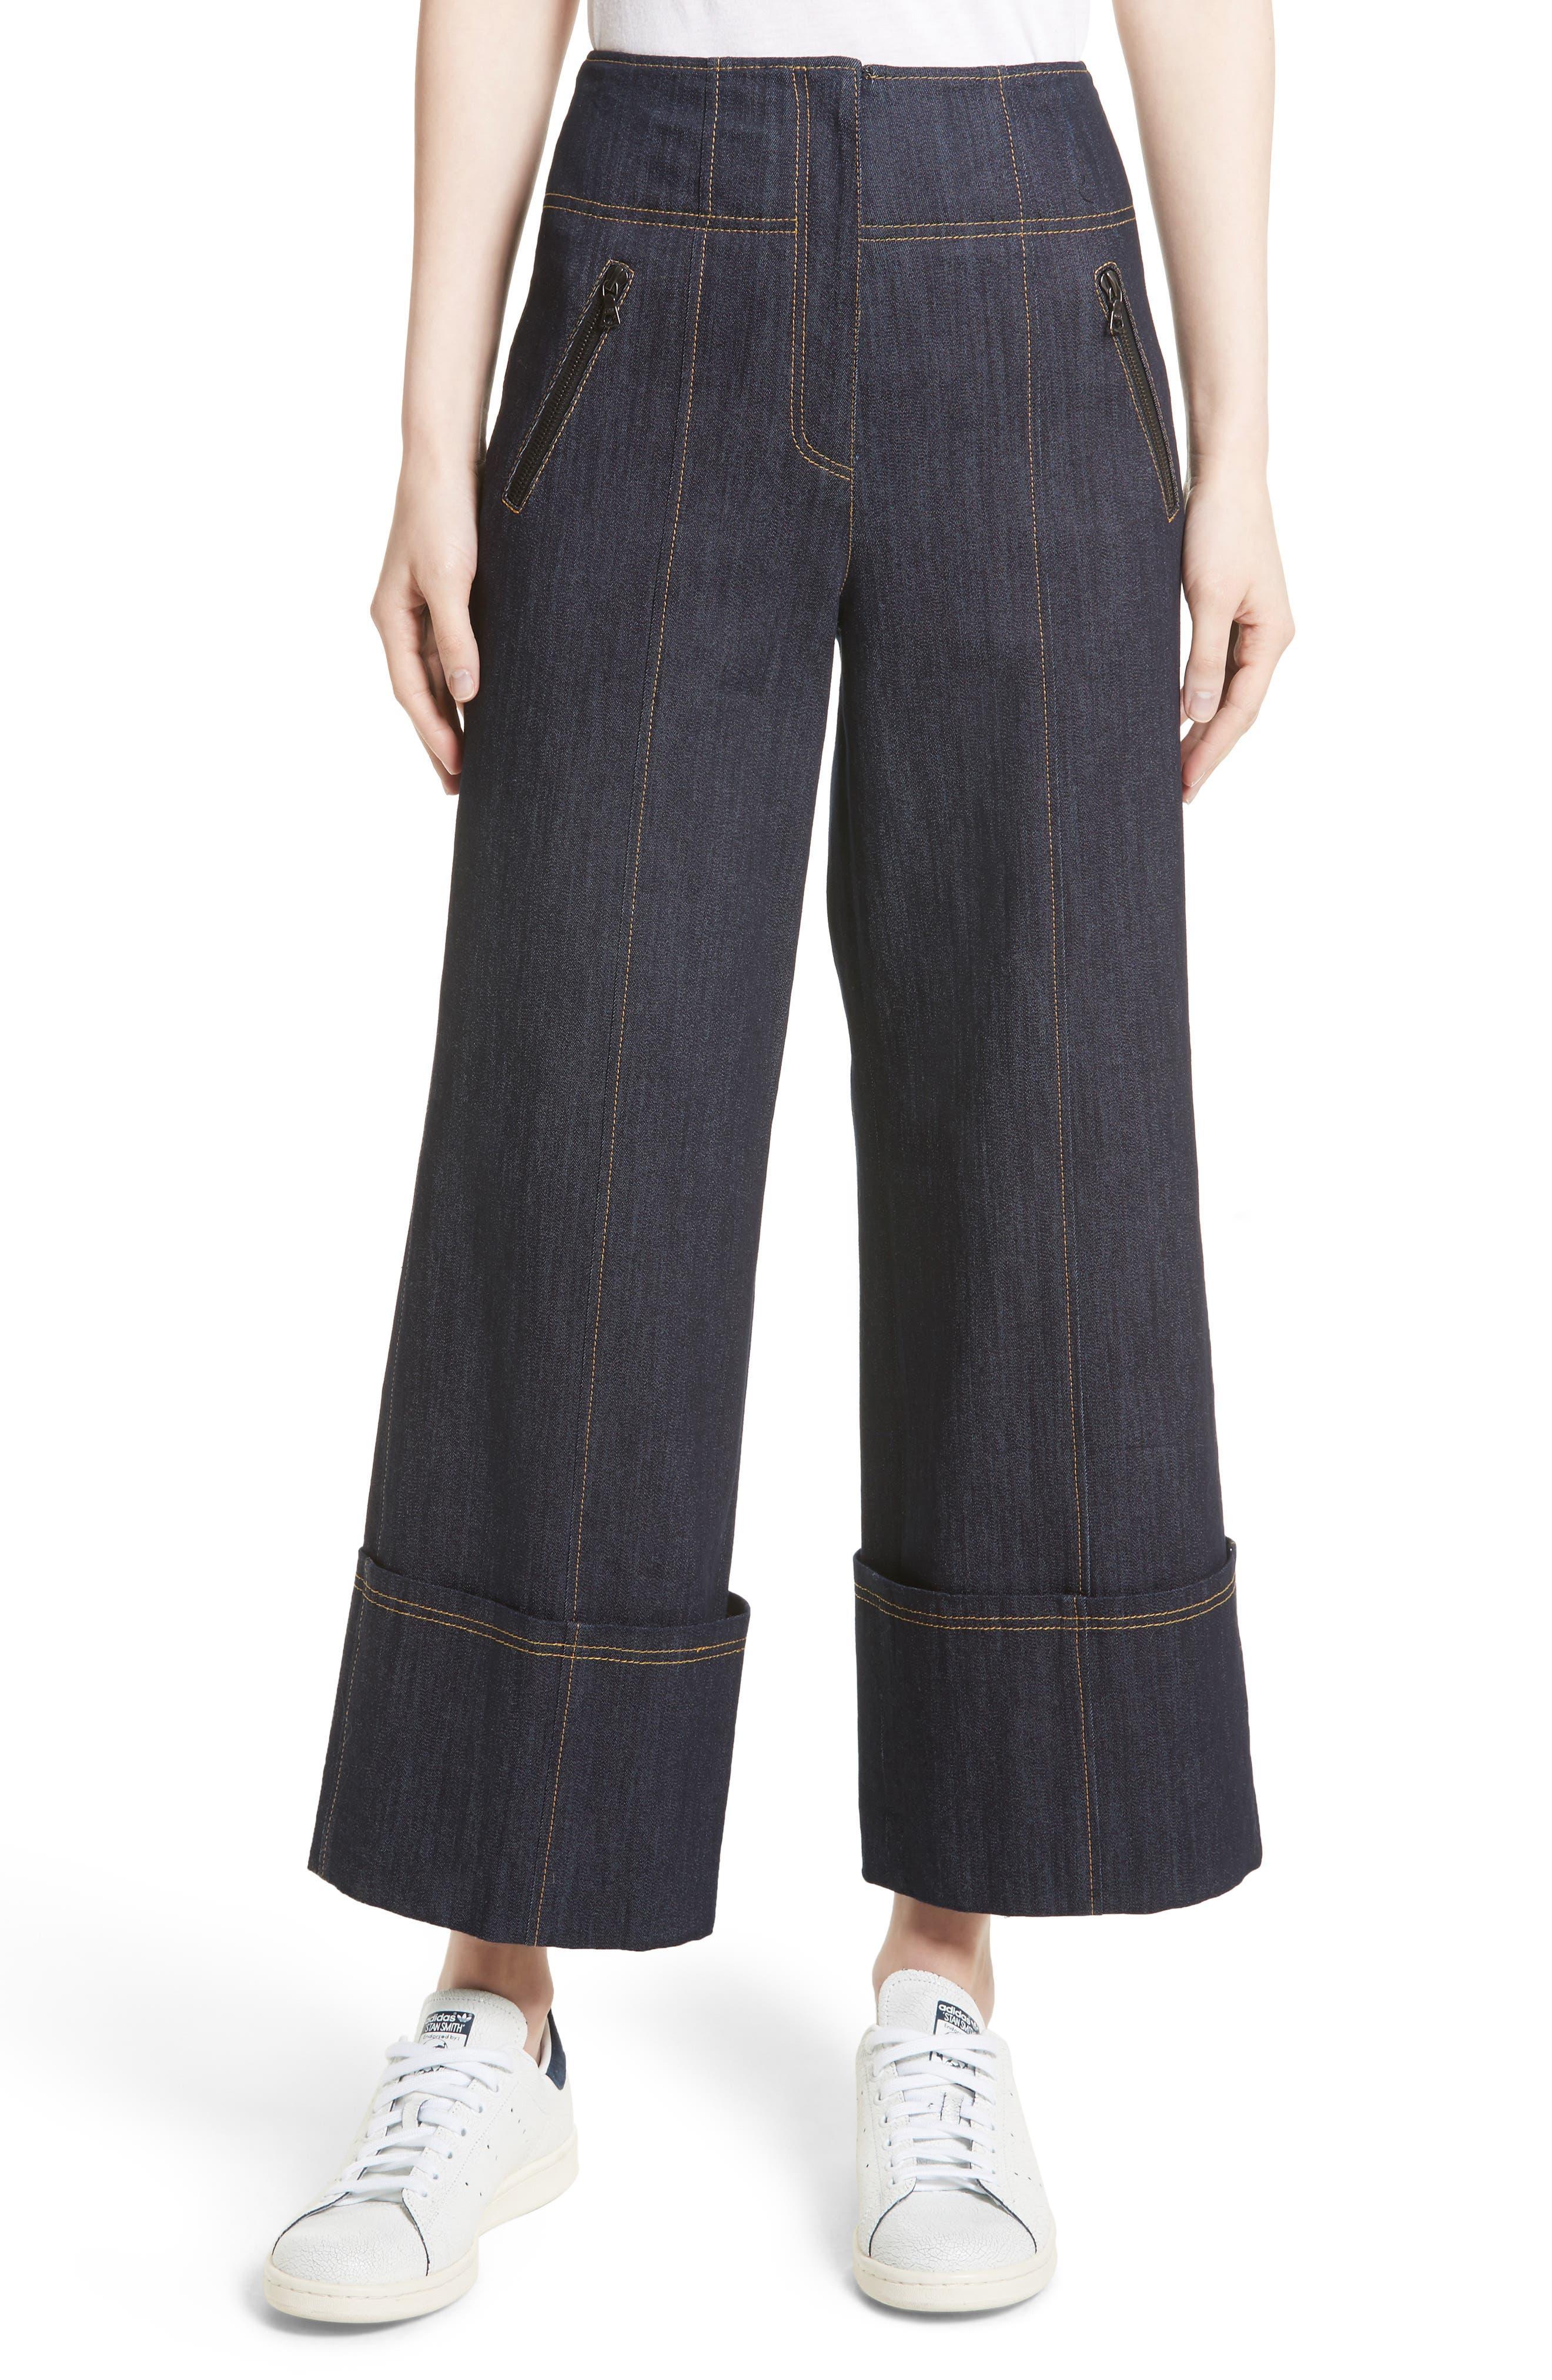 Main Image - Cinq à Sept Marla Cuff Jeans